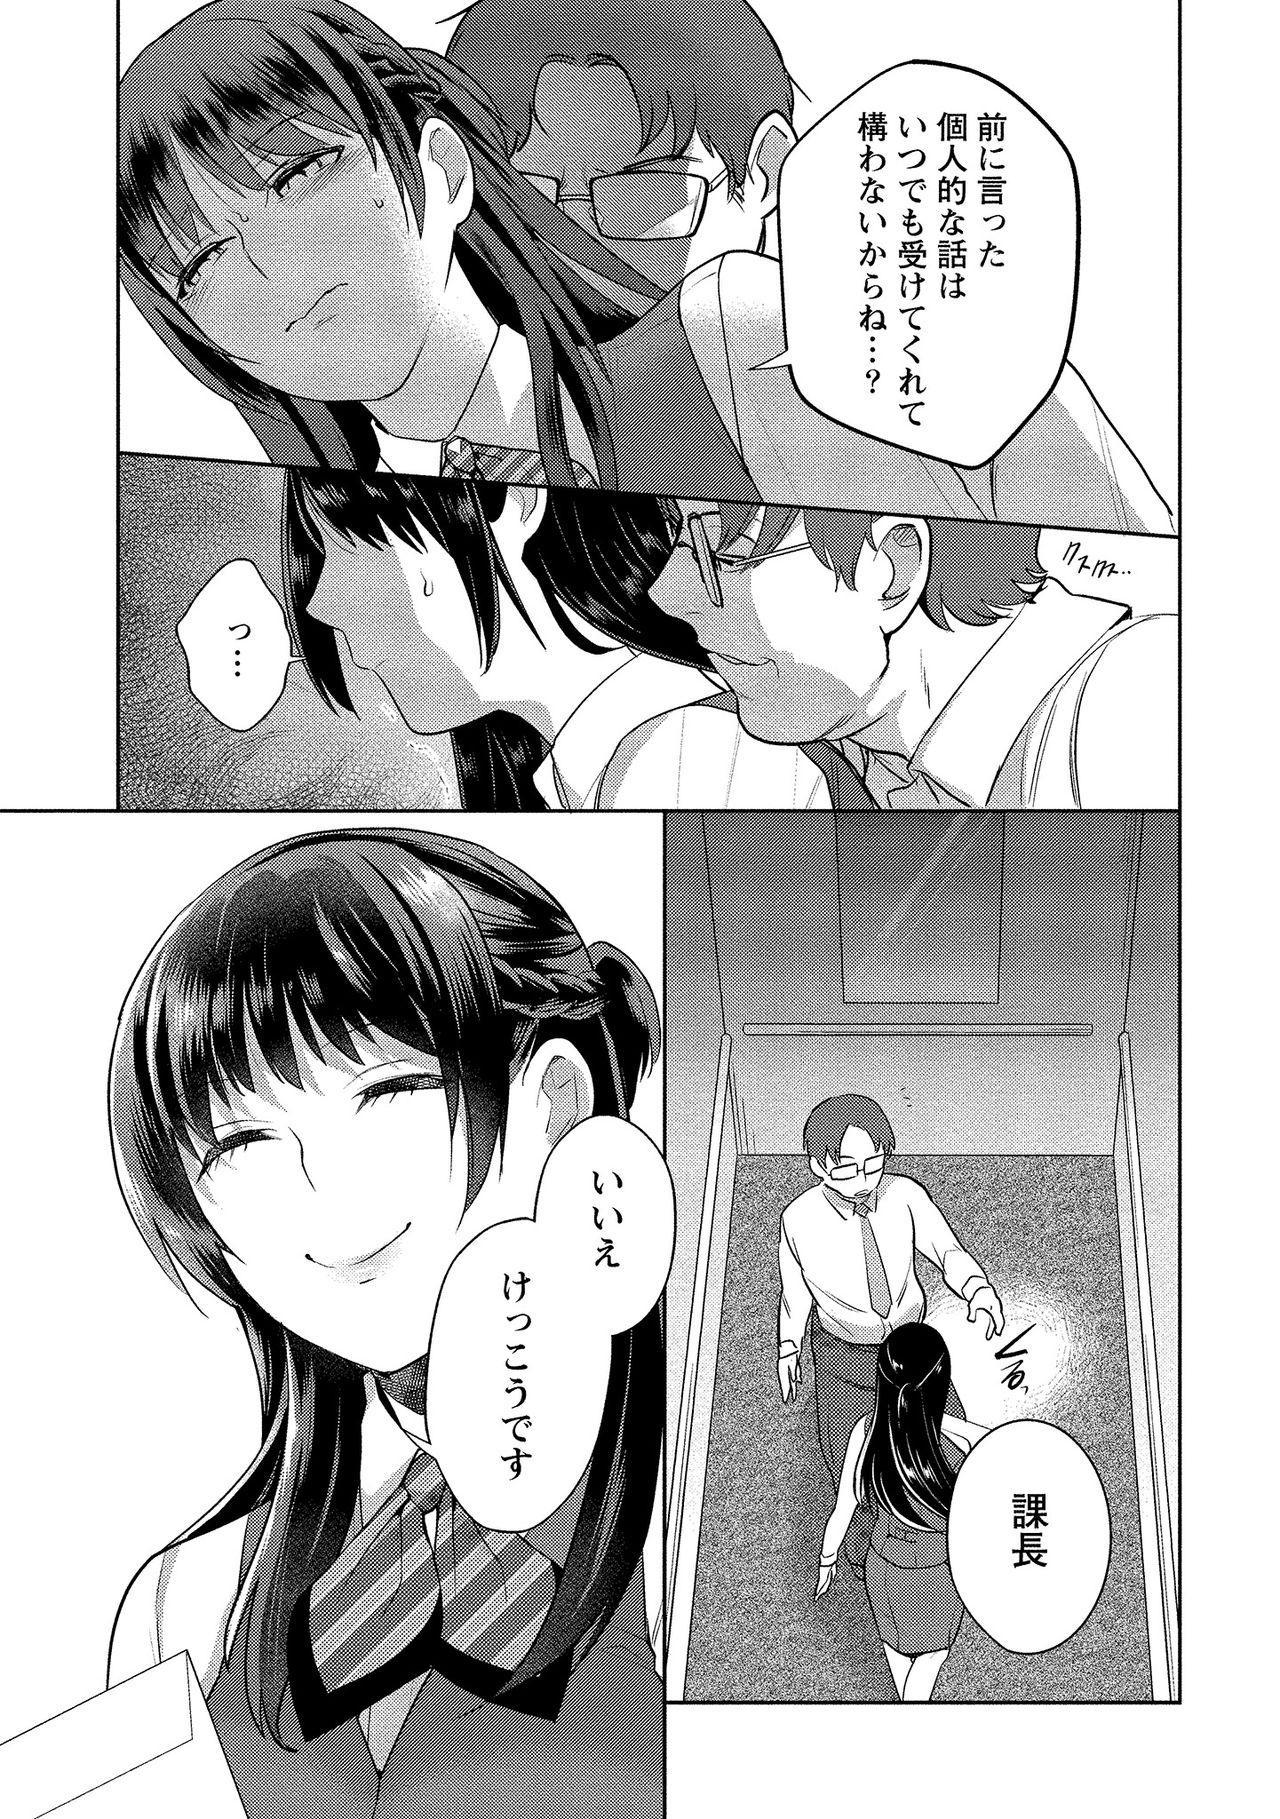 Dorobou Neko wa Kanojo no Hajimari 113